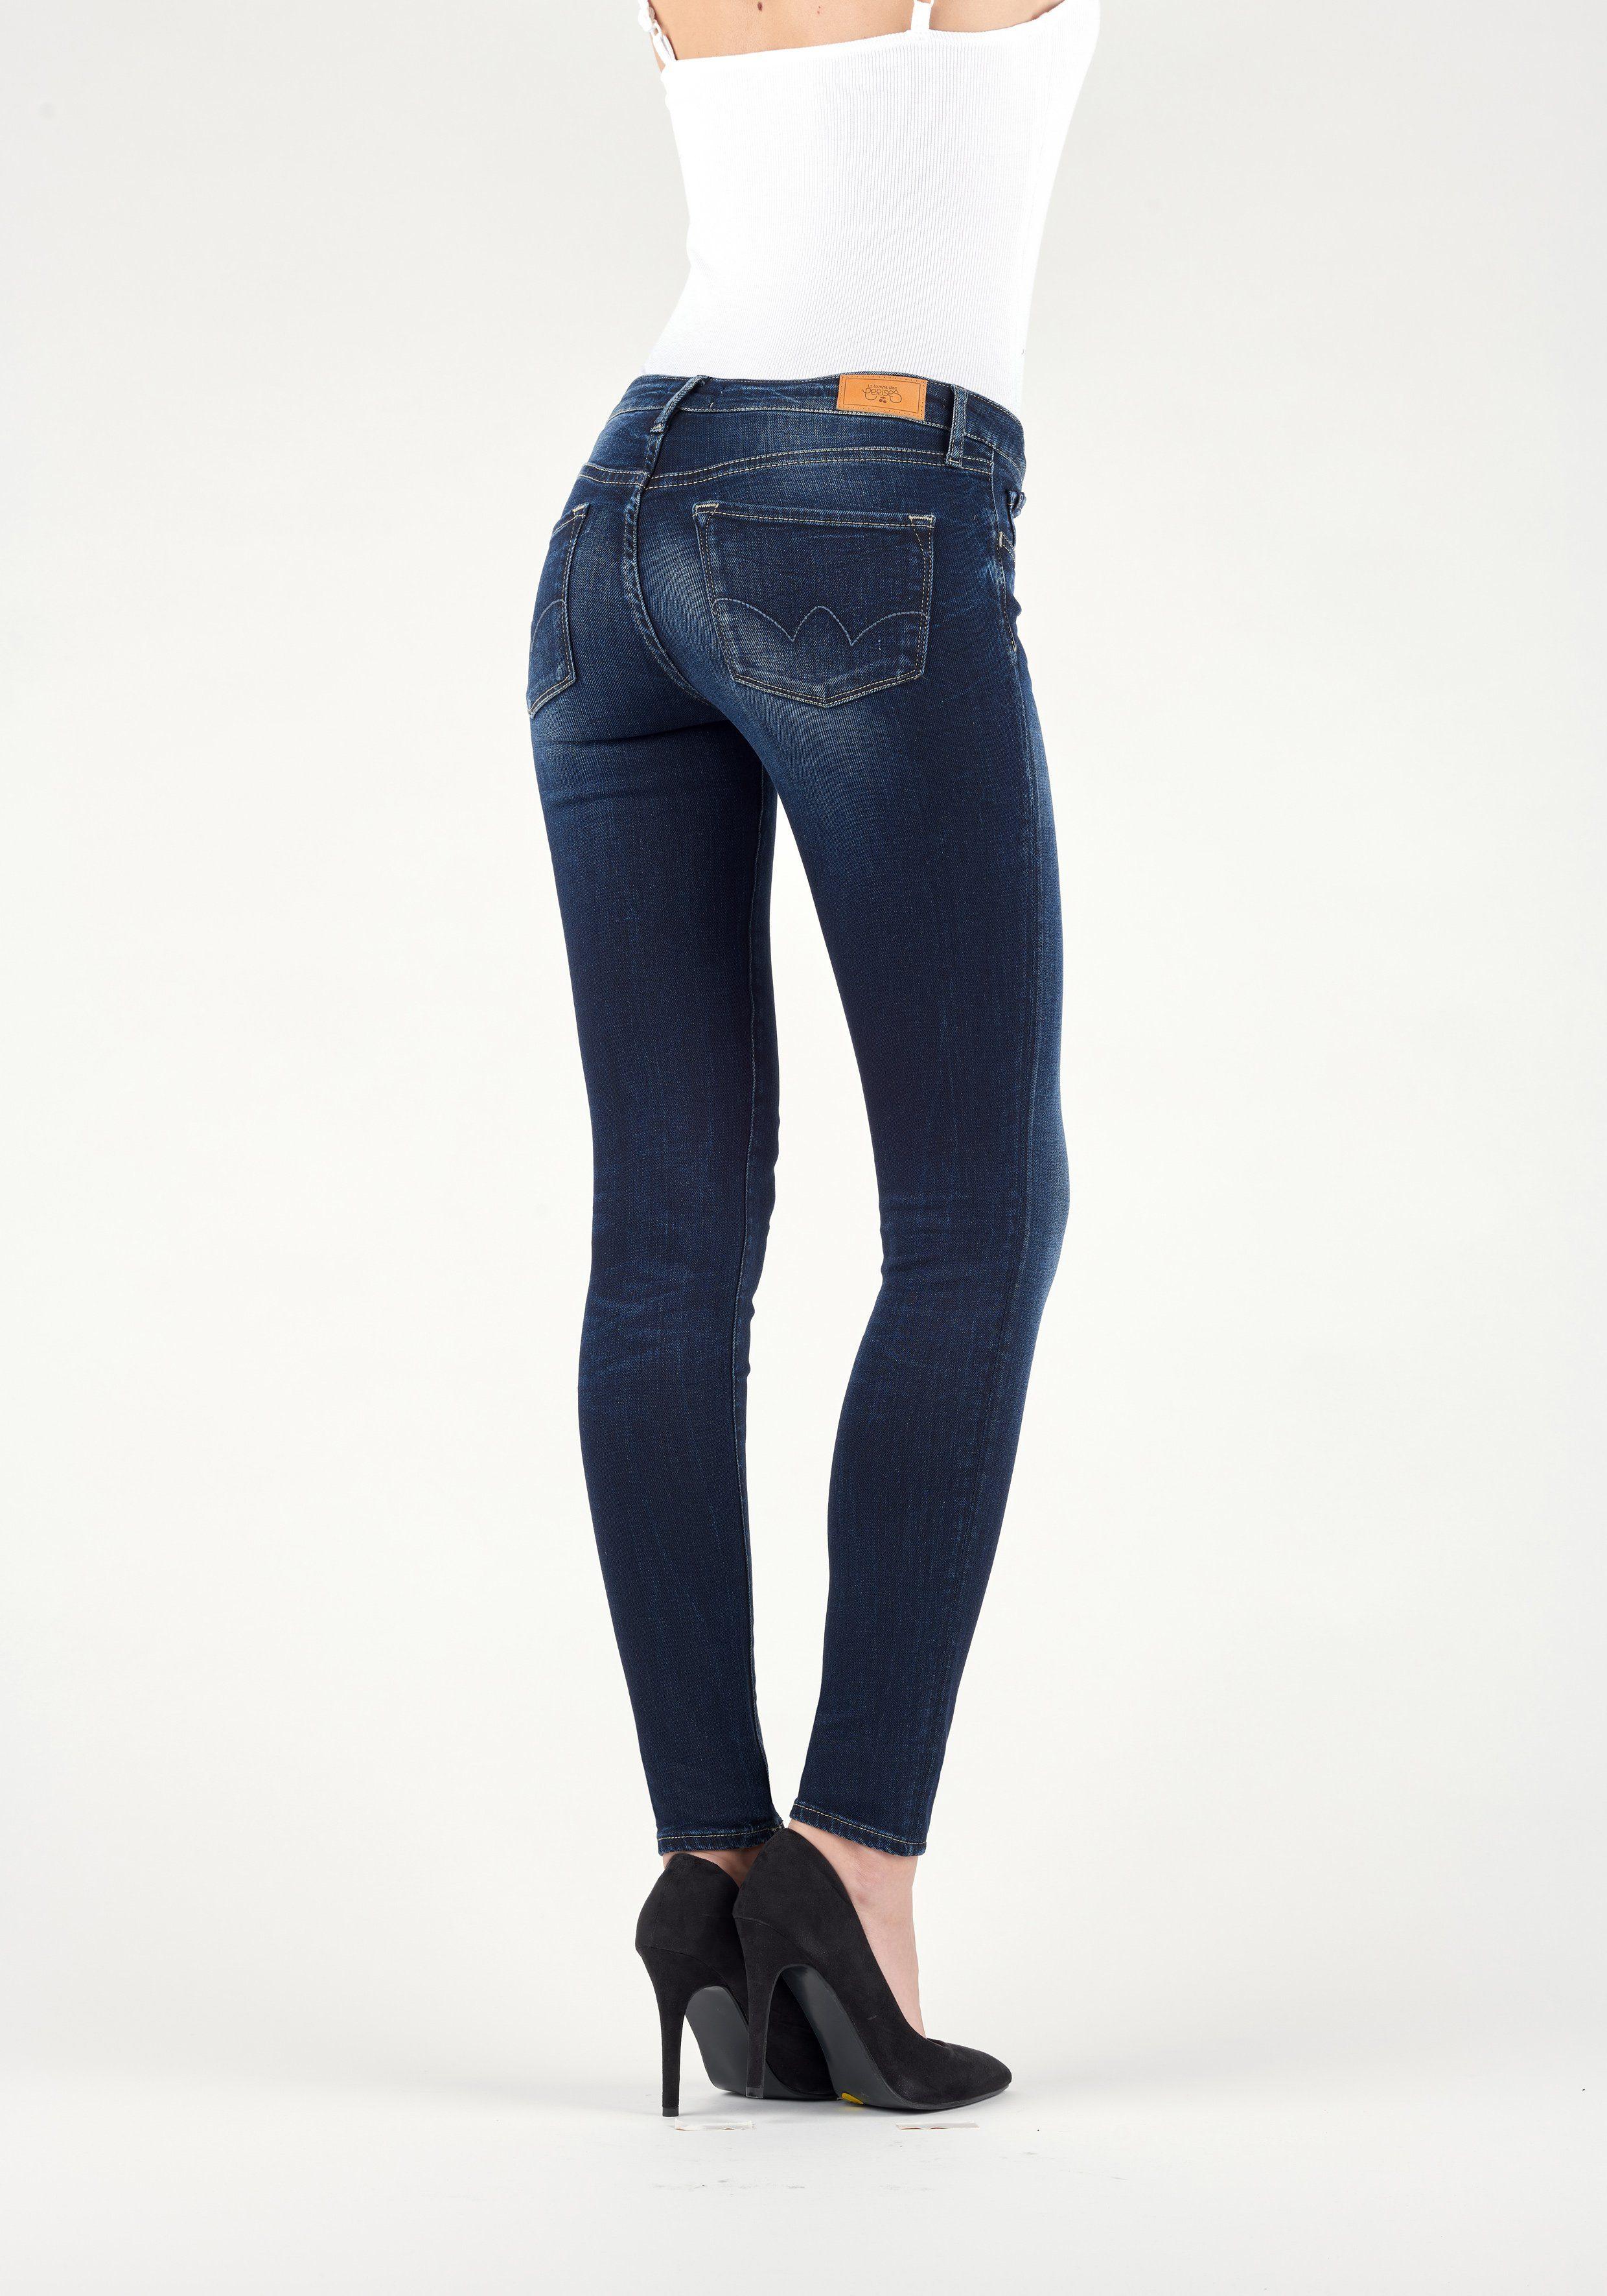 stabile Qualität Top Qualität besser jeans mit engem bein